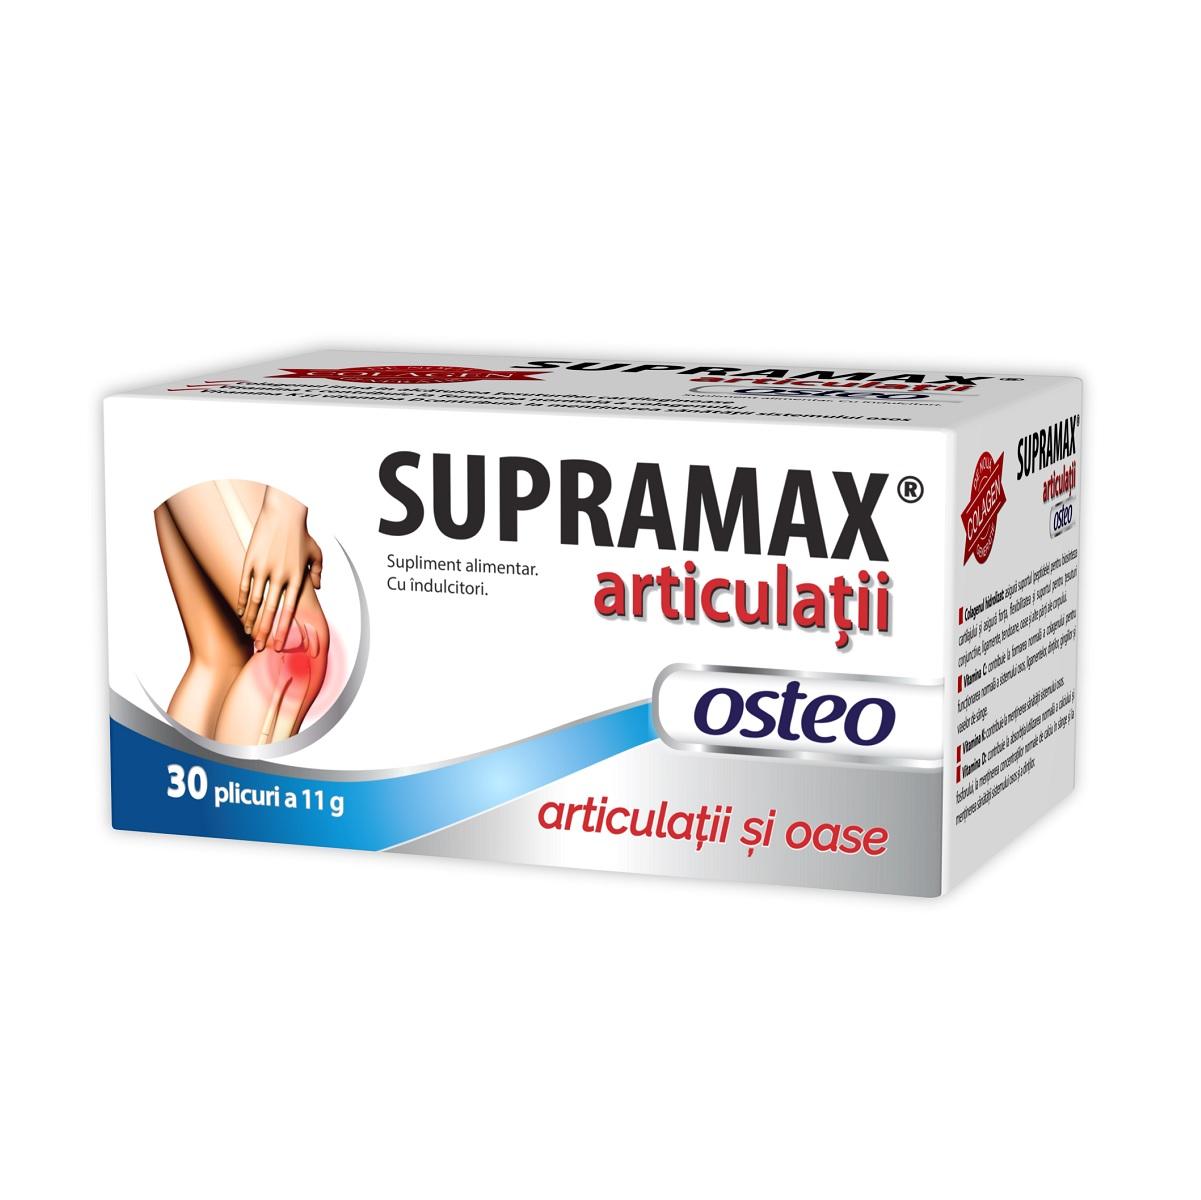 supramax articulatii unguent prospect)